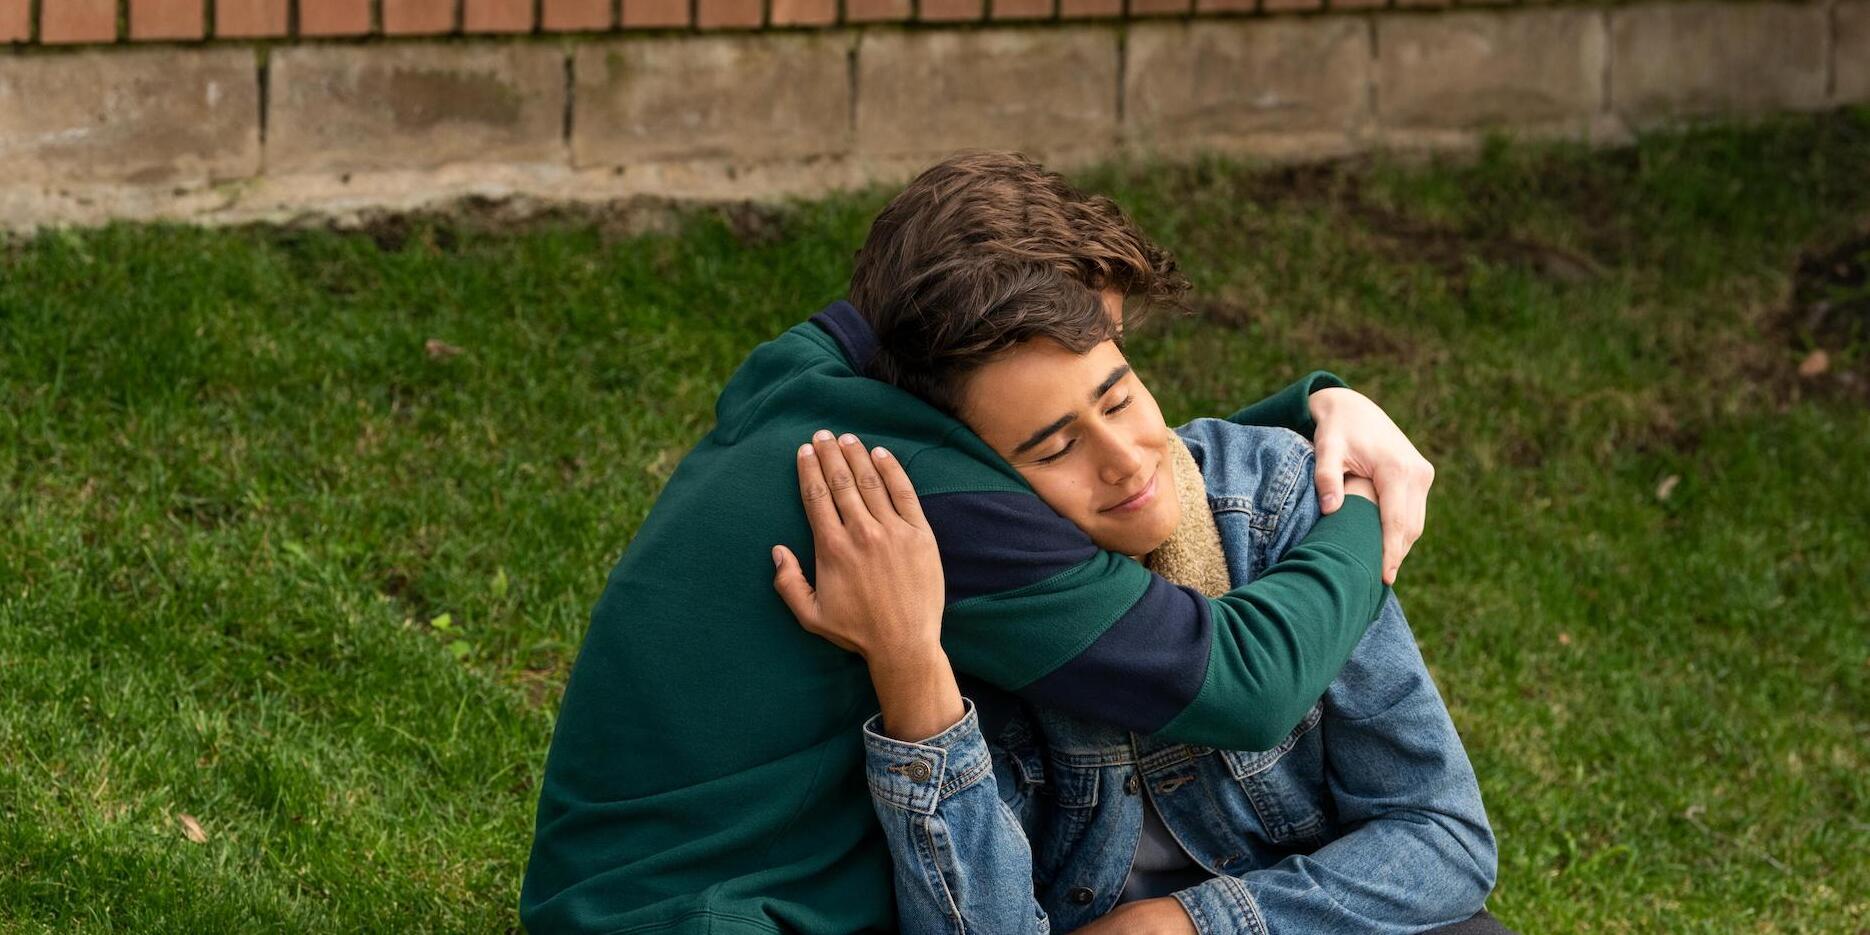 Love Victor Season 2 Fecha de lanzamiento, reparto, nueva temporada / ¿cancelada? 1